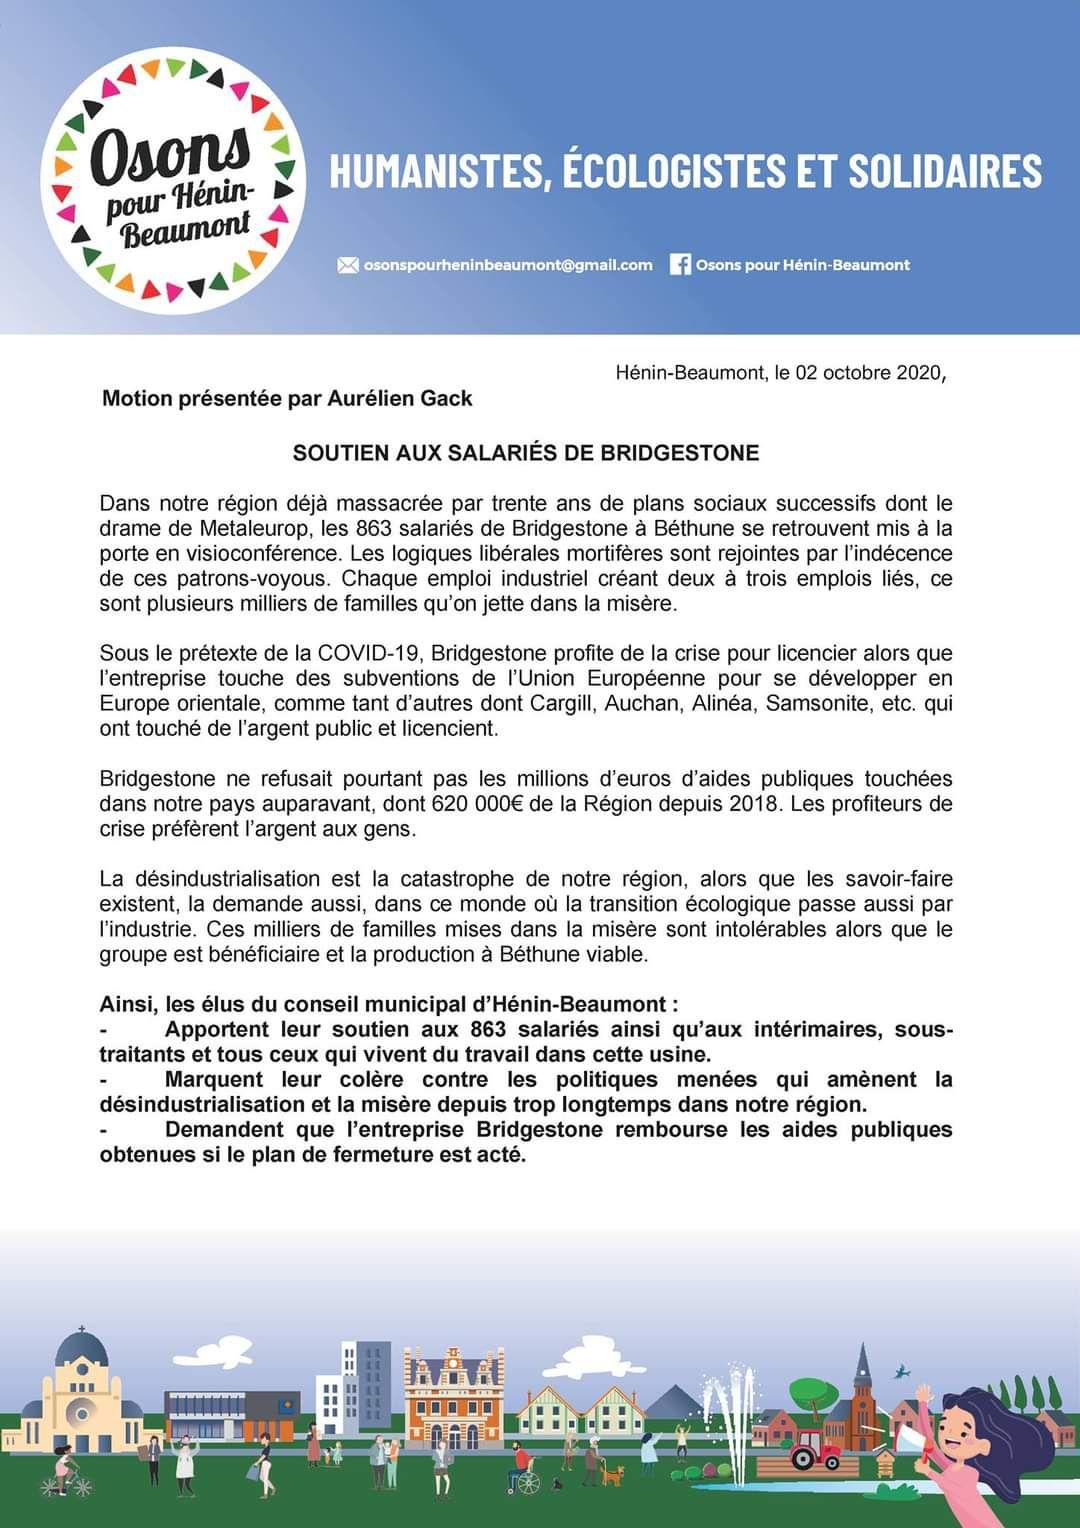 Conseil municipal du 9 octobre 2020 : une motion du groupe Osons pour Hénin-Beaumont en soutien aux salariés de Bridgestone